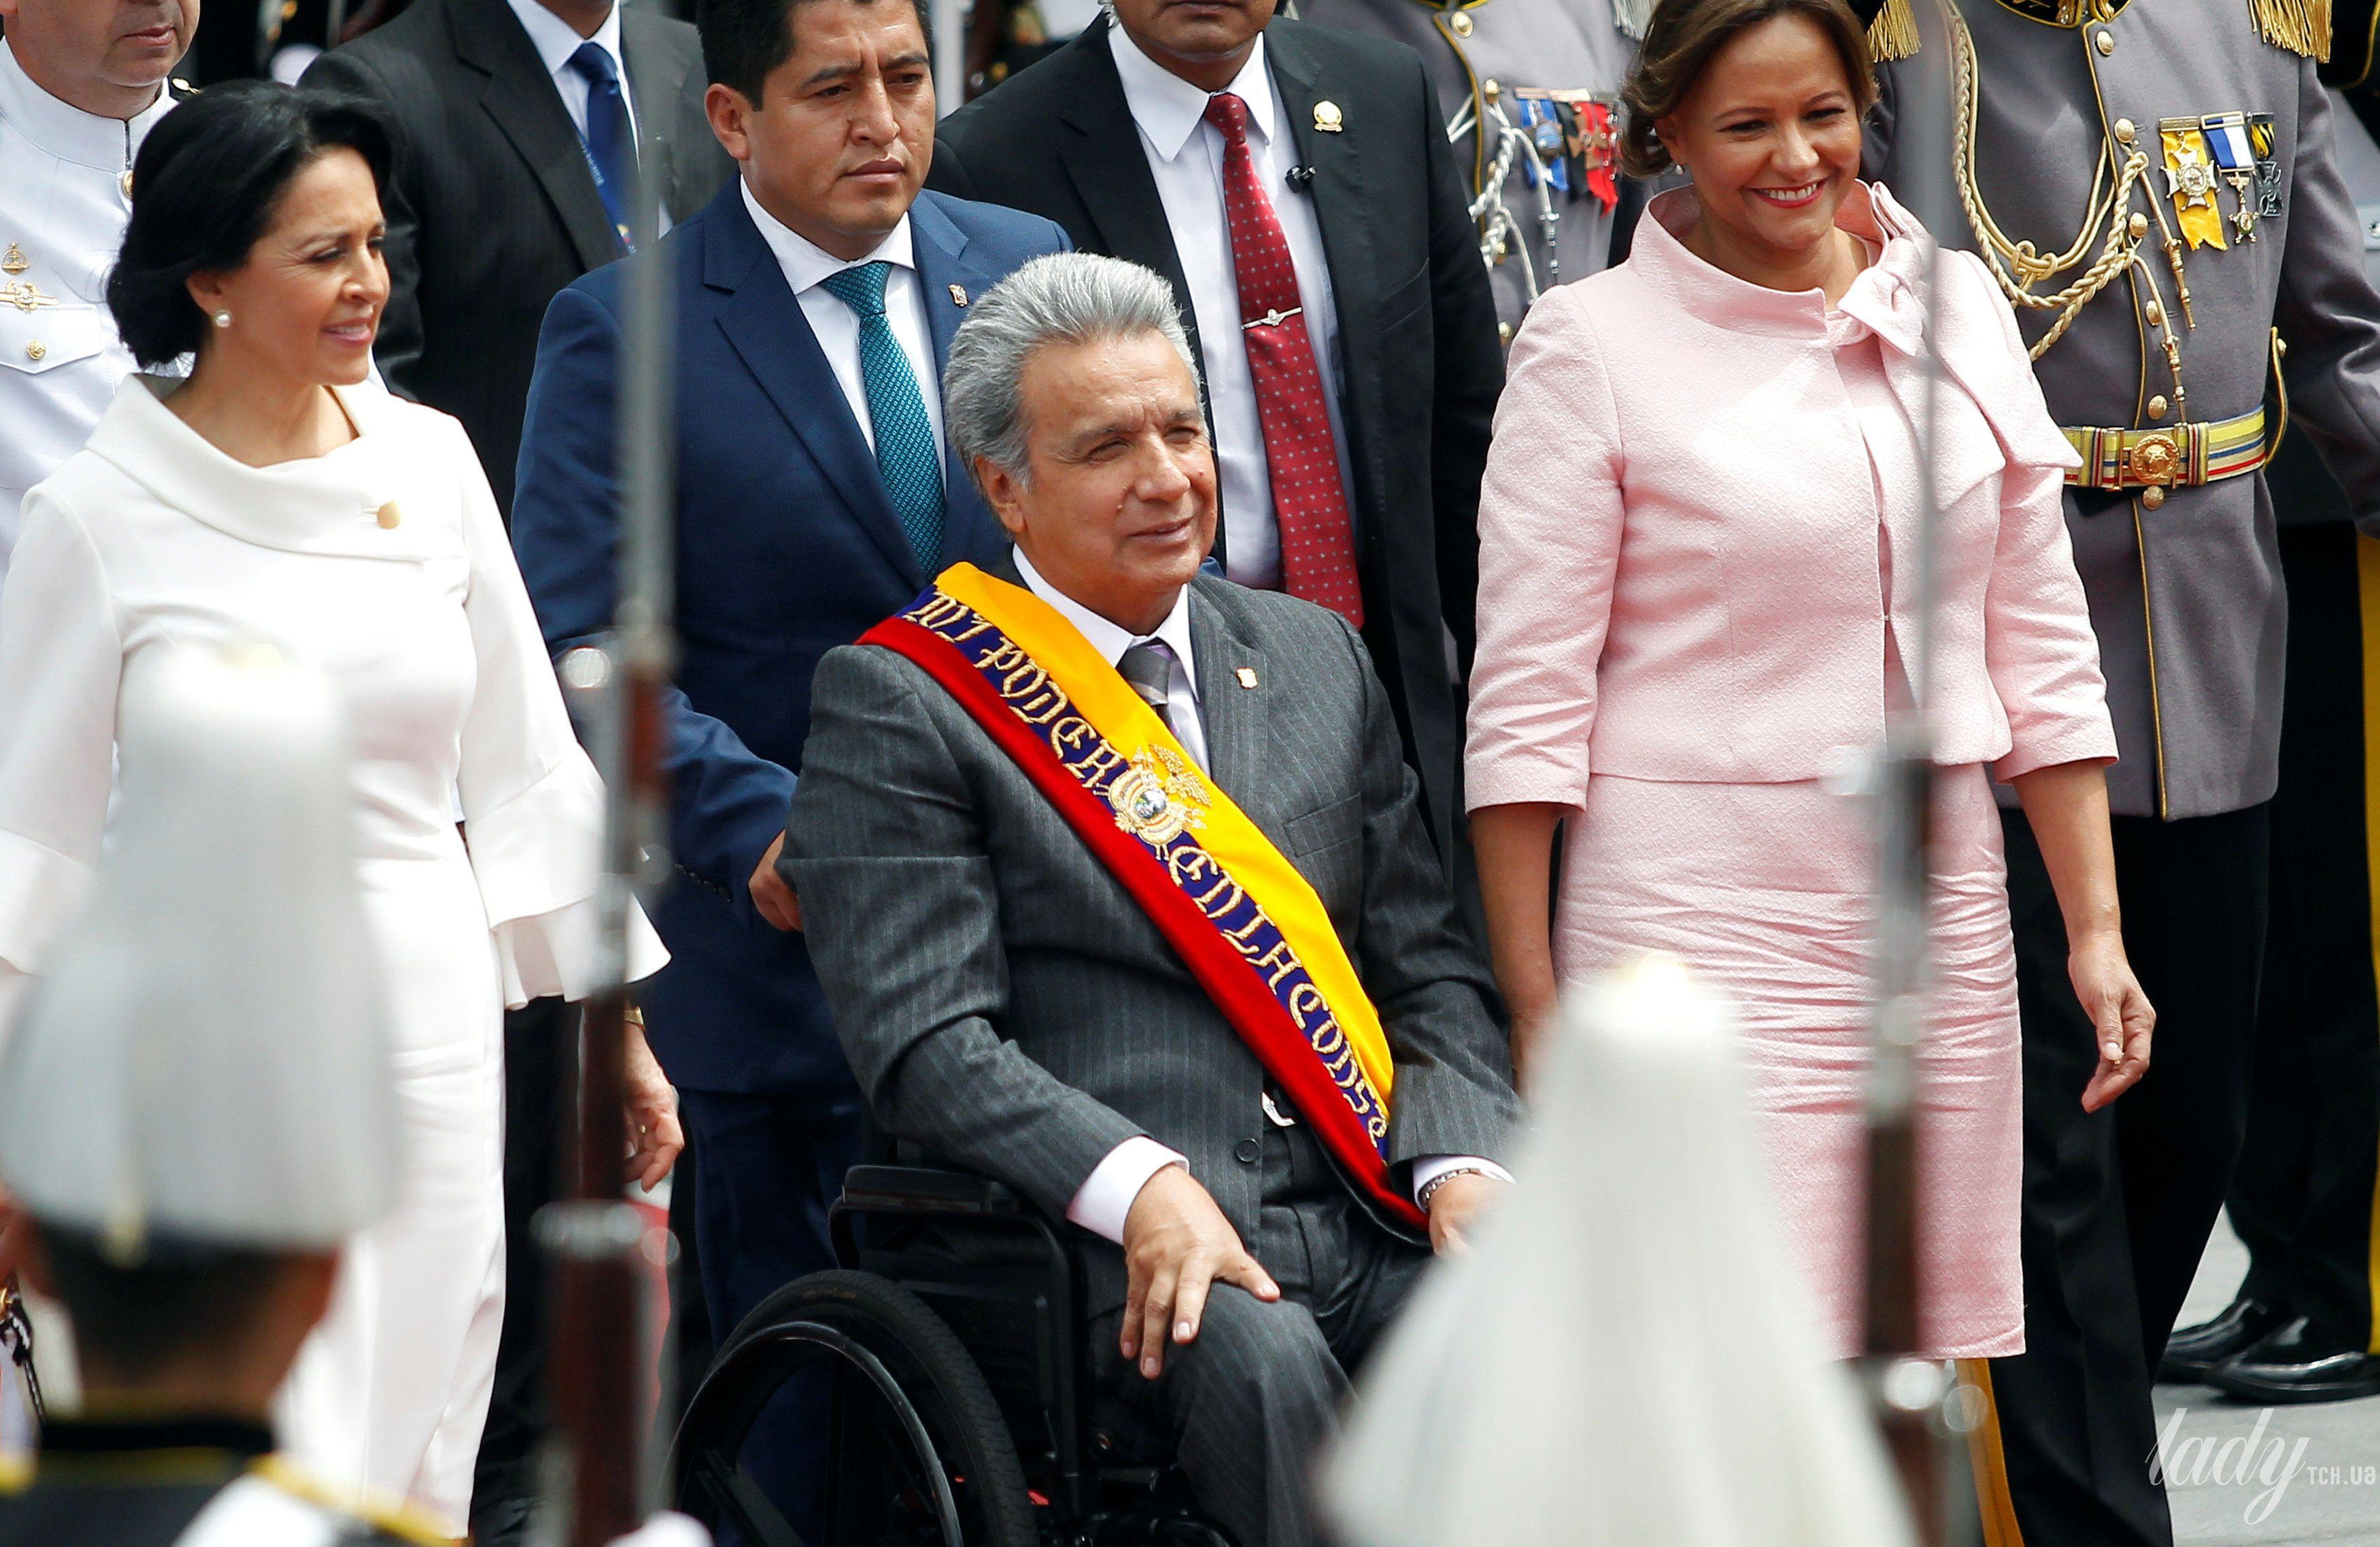 Президент Эквадора Ленин Морено первая леди Росия Гонсалес и президента Национального собрания Элизабет Кабезас_5